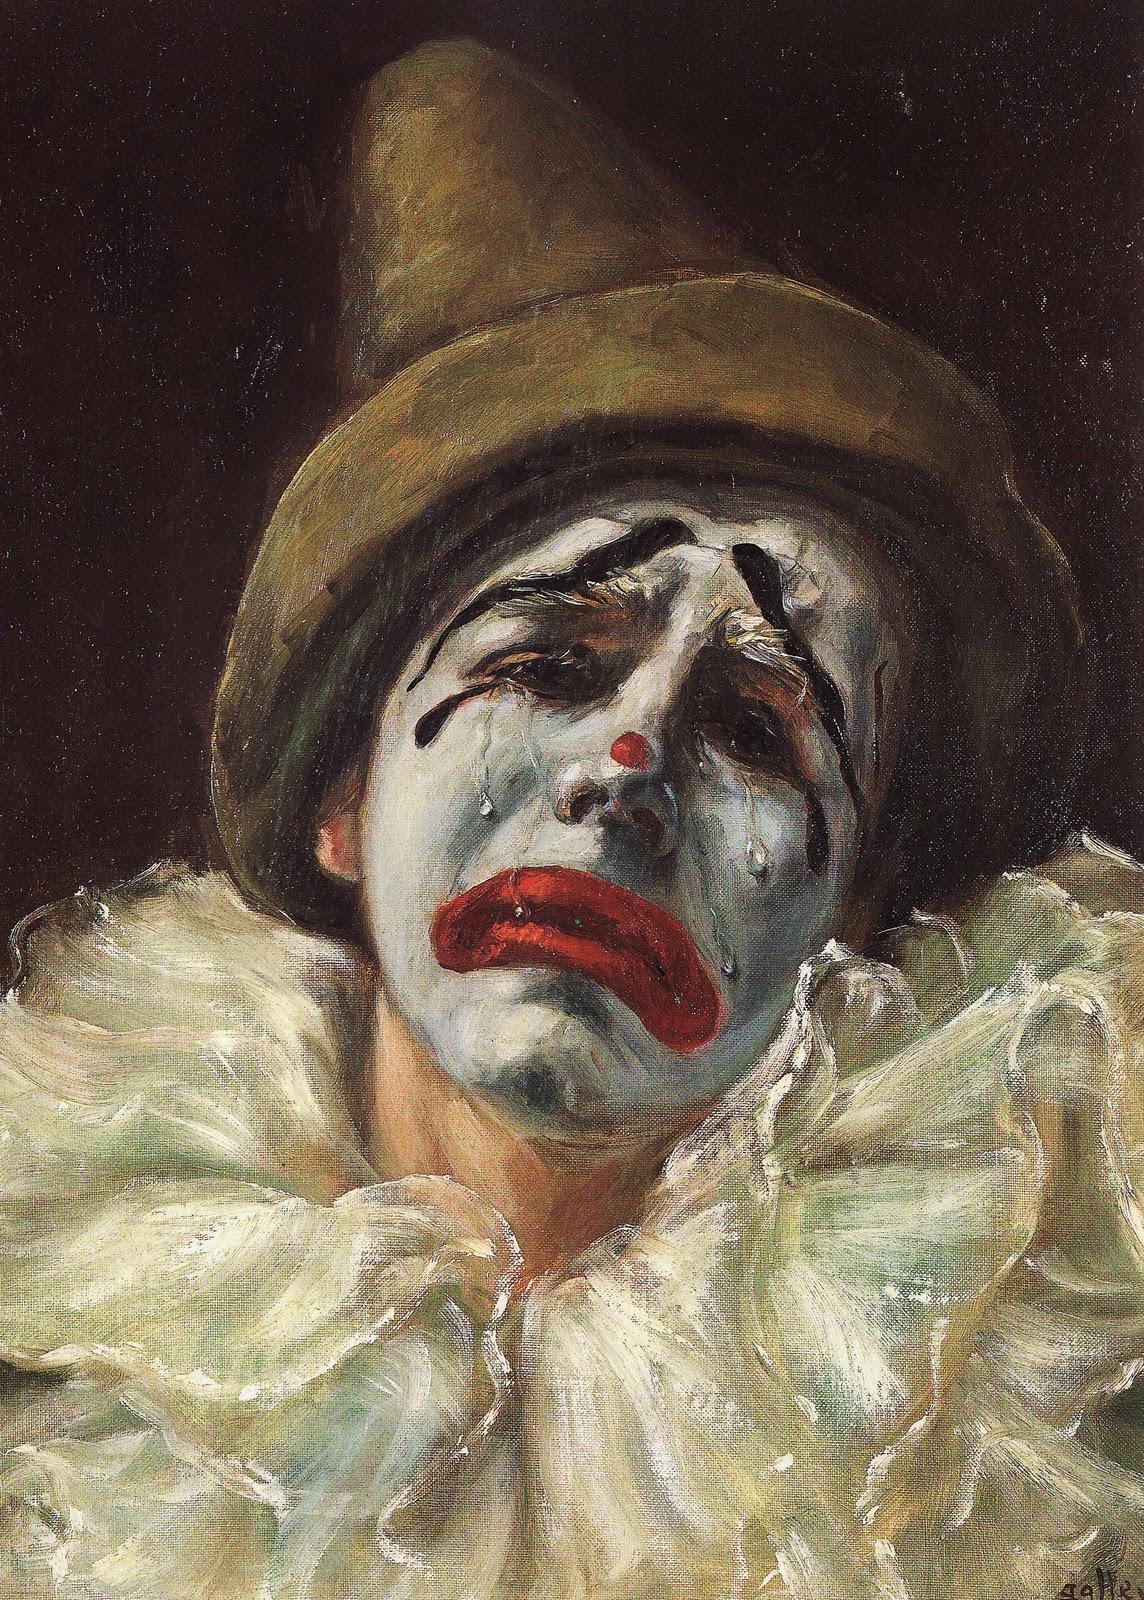 crying-clown.jpg